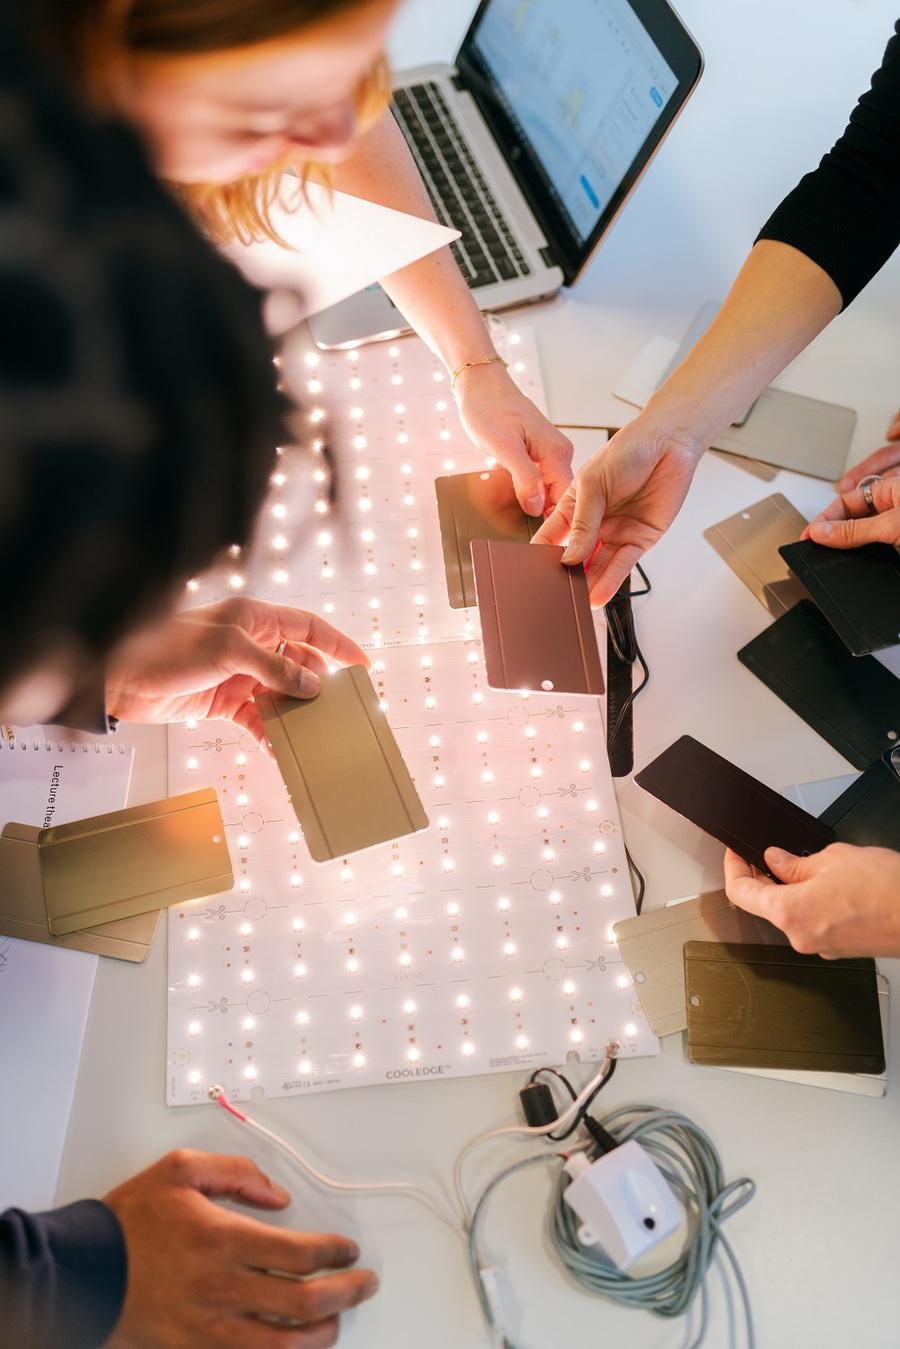 grupo de personas diseñando productos juntos